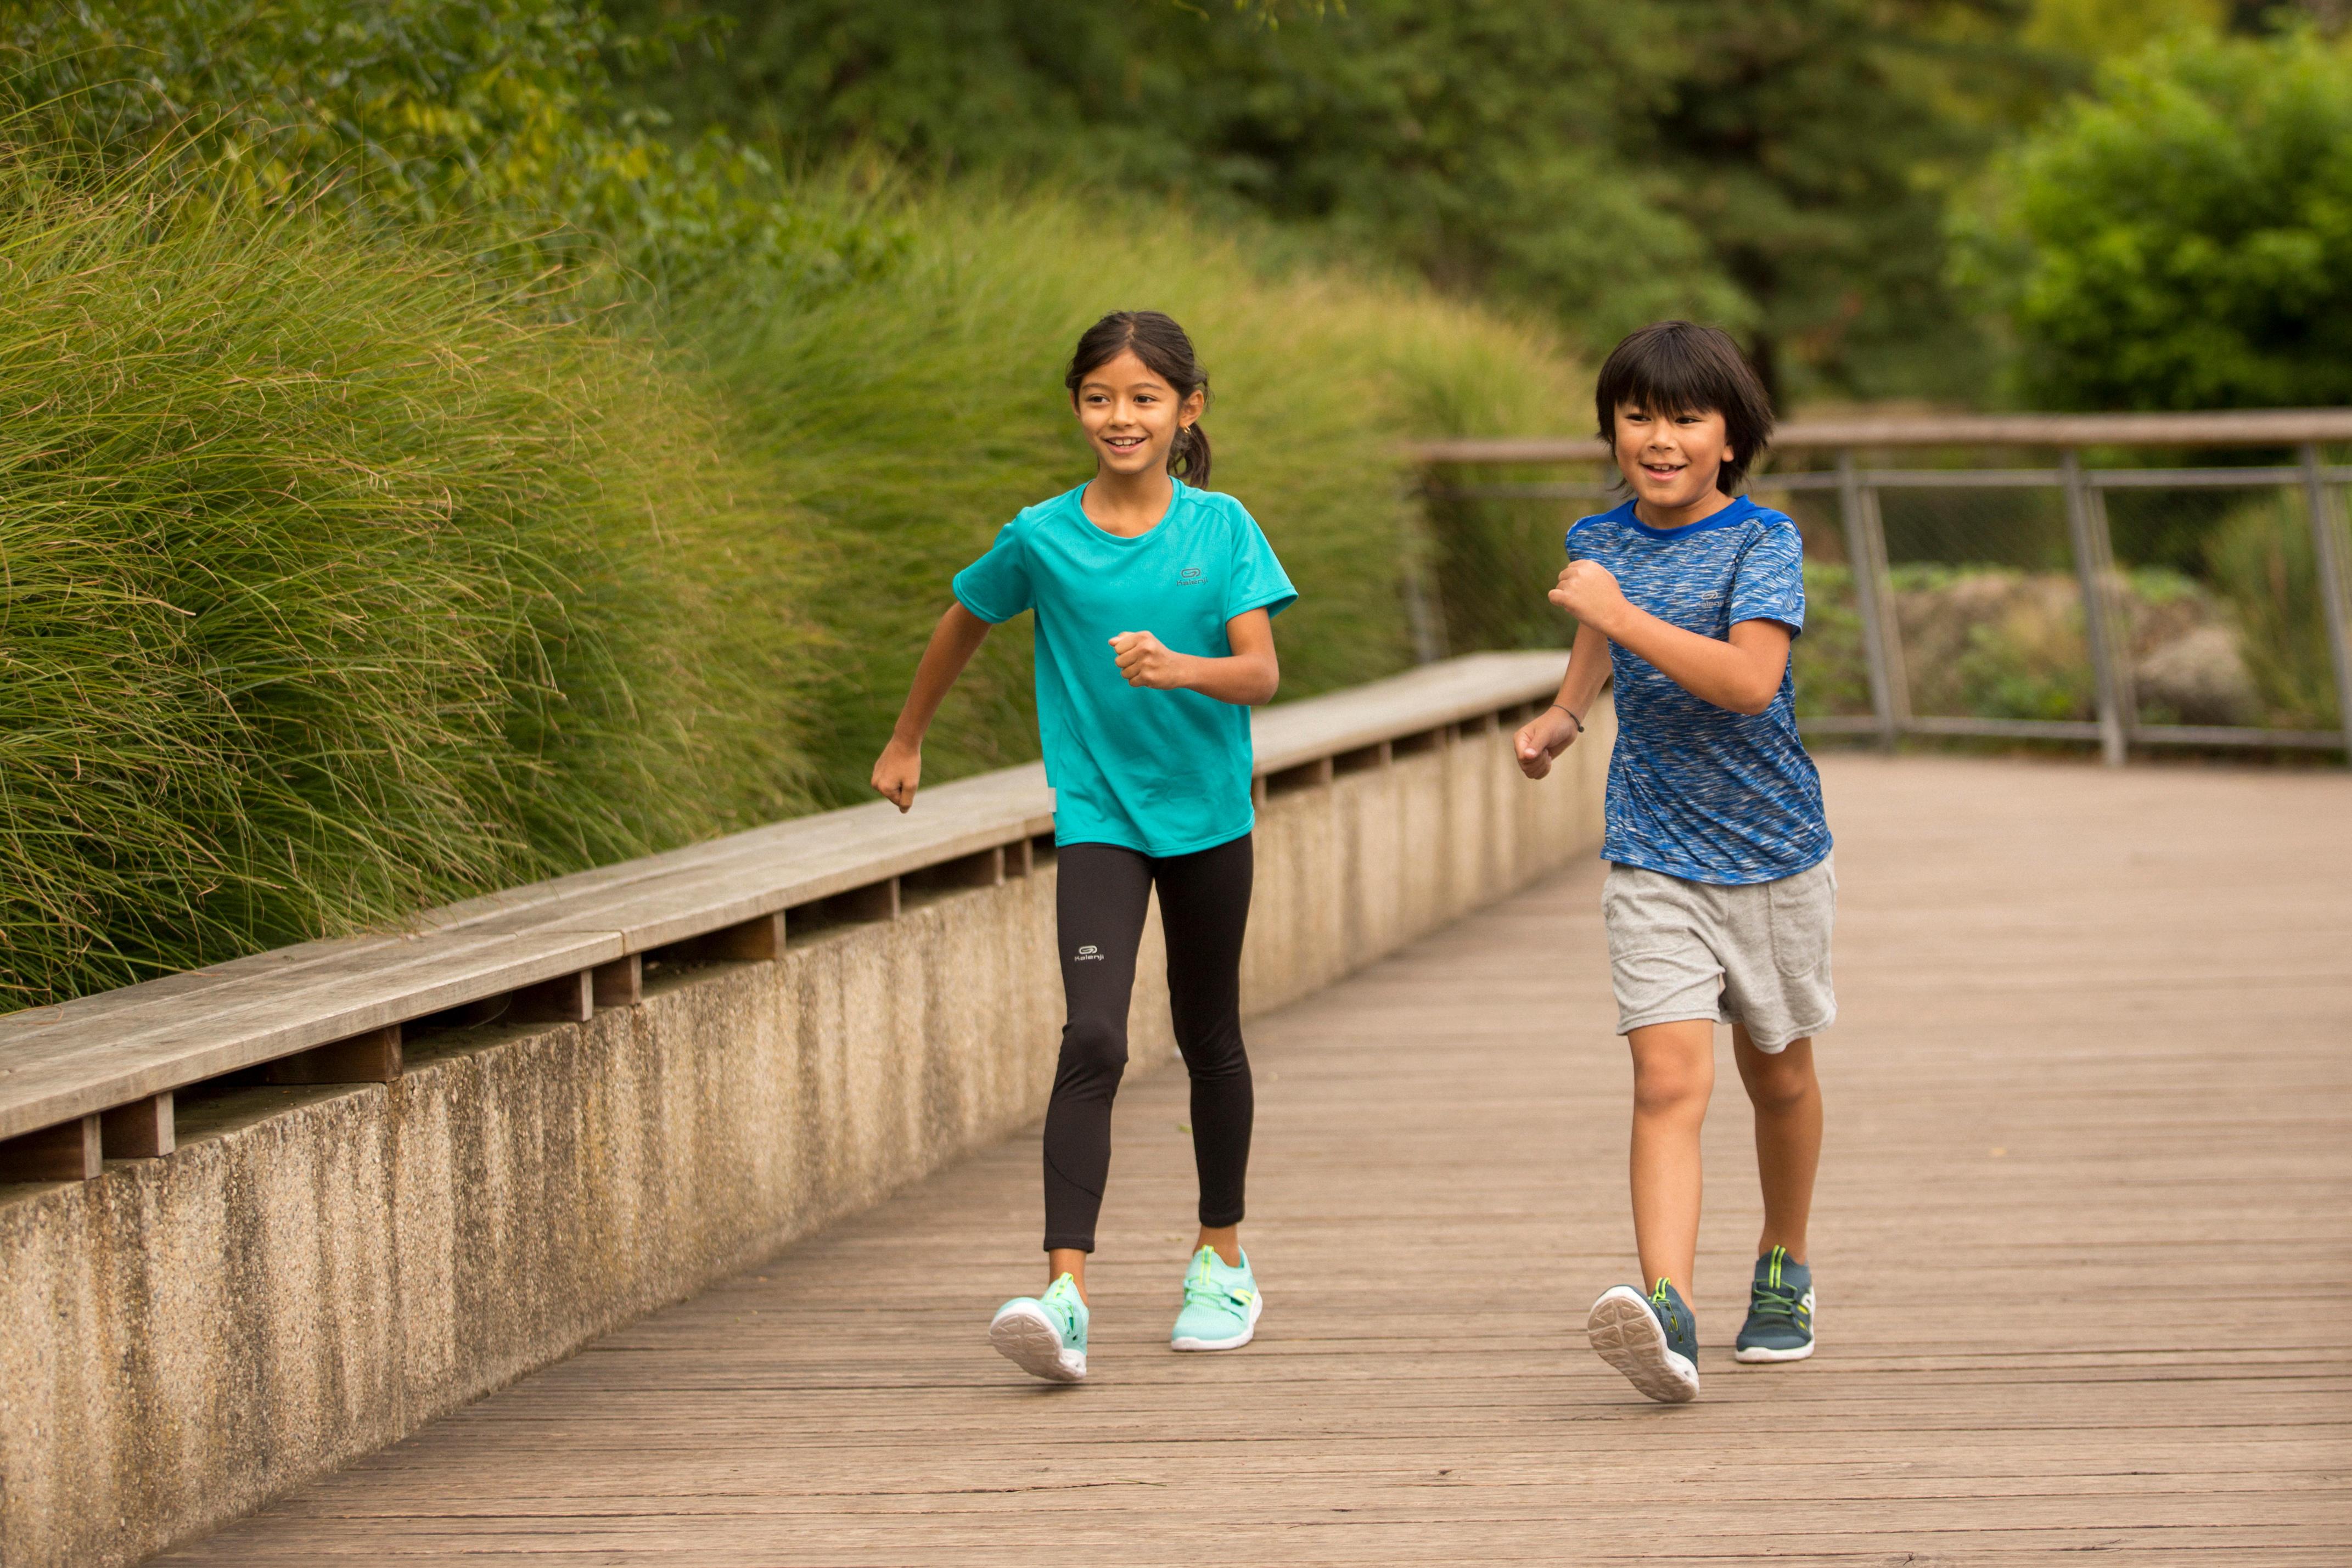 Yürüyüşün Çocuk Gelişimine Katkıları